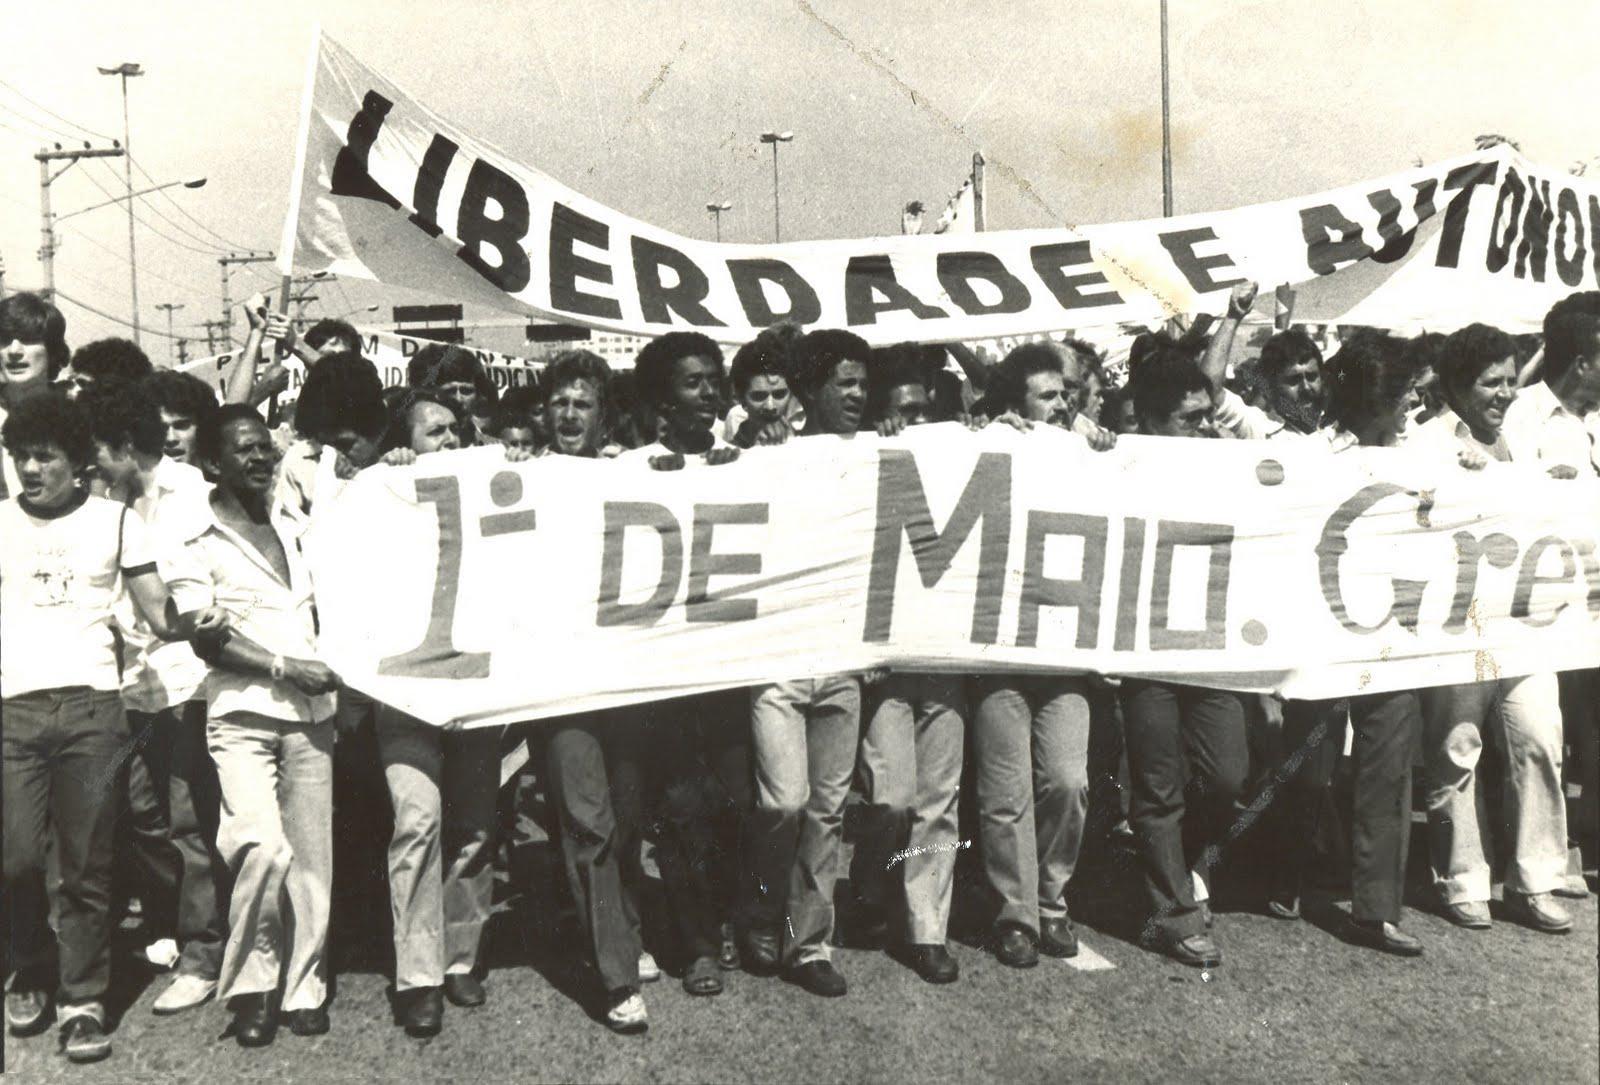 Contribuição especial #04: Panela de pressão: O 1º de maio de 1980 e a greve dos metalúrgicos do ABC, 40 anos de história